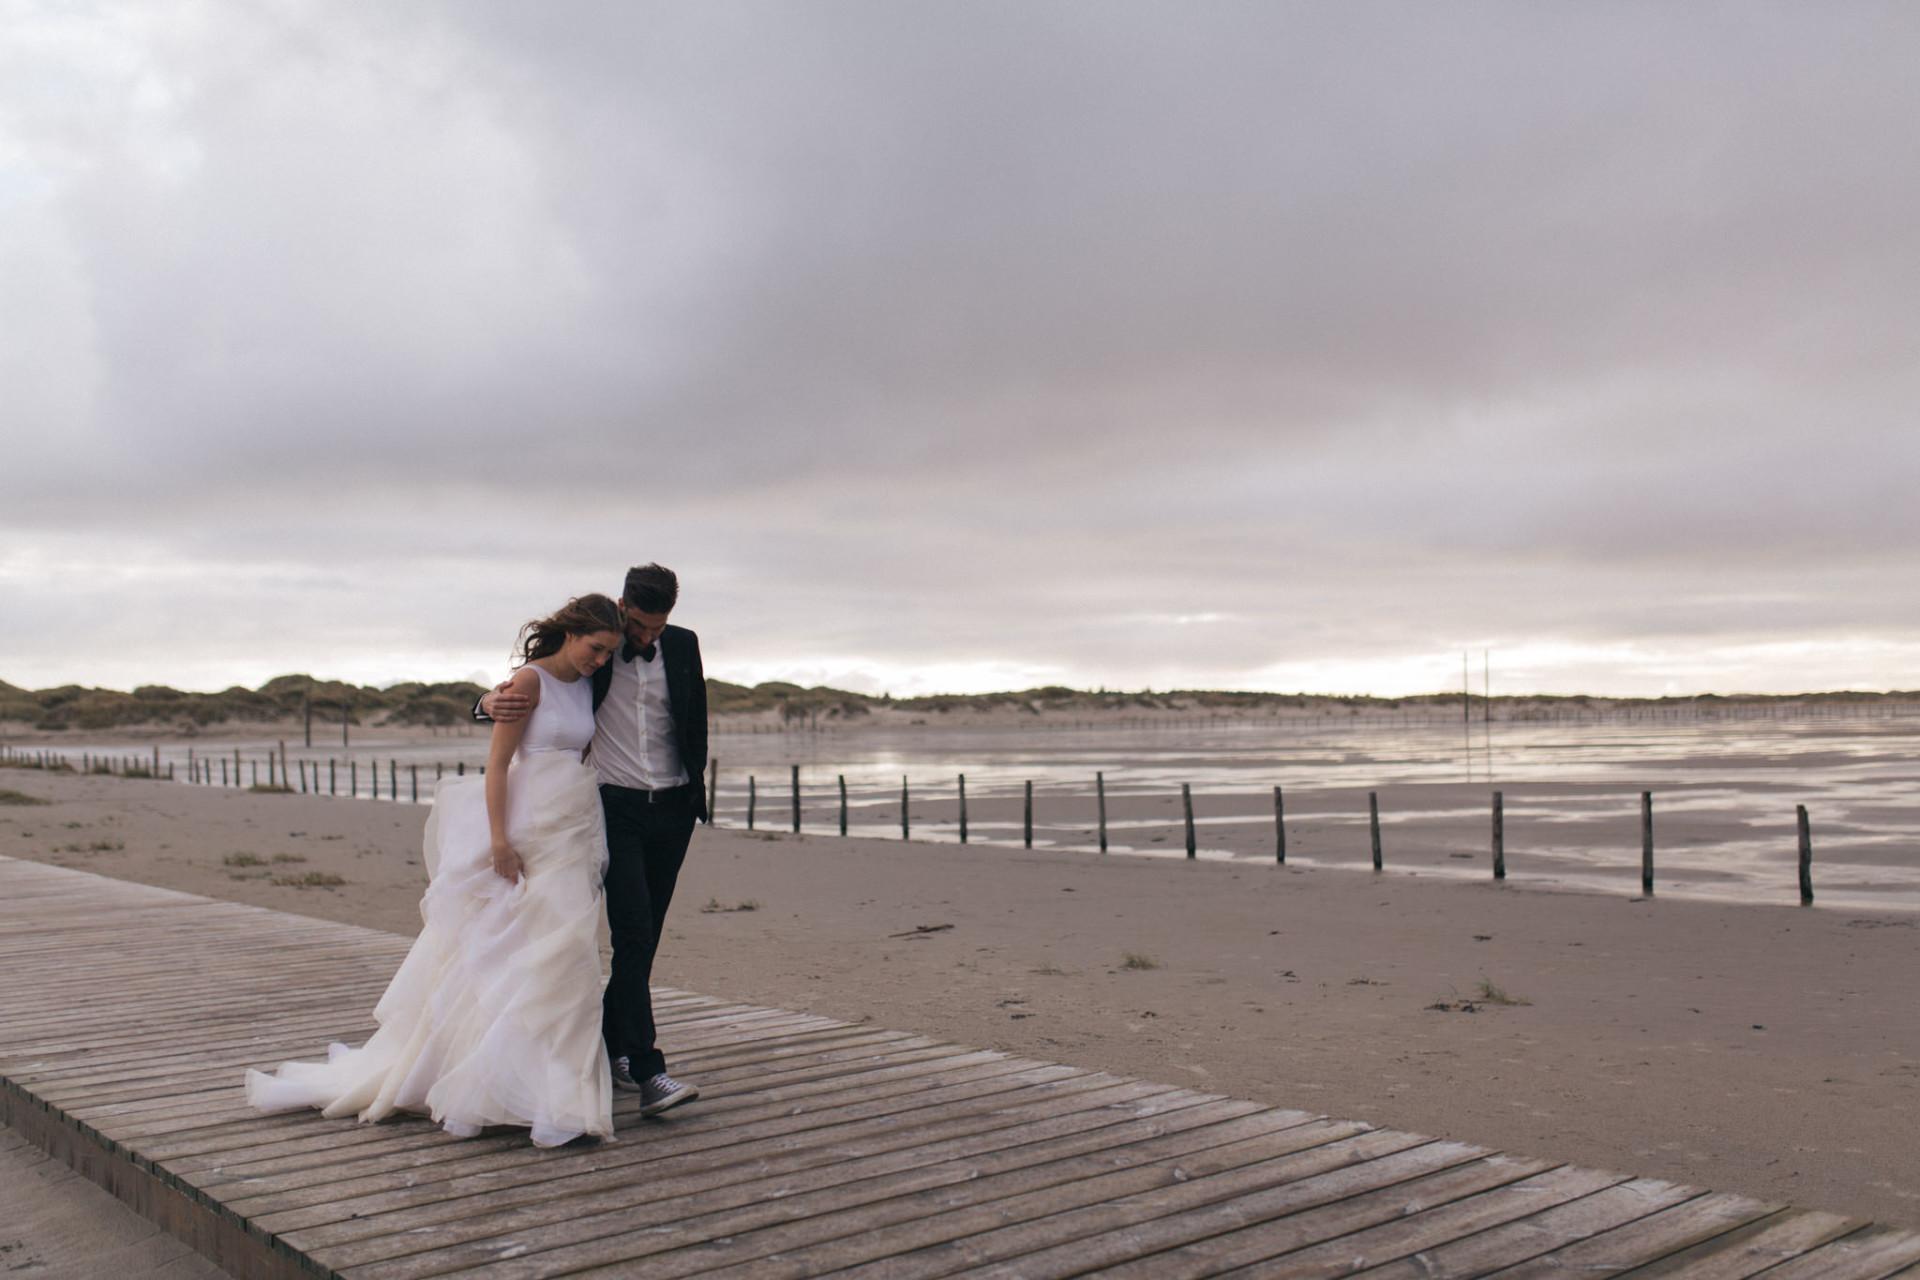 beach elopement-beach wedding sankt peter ording